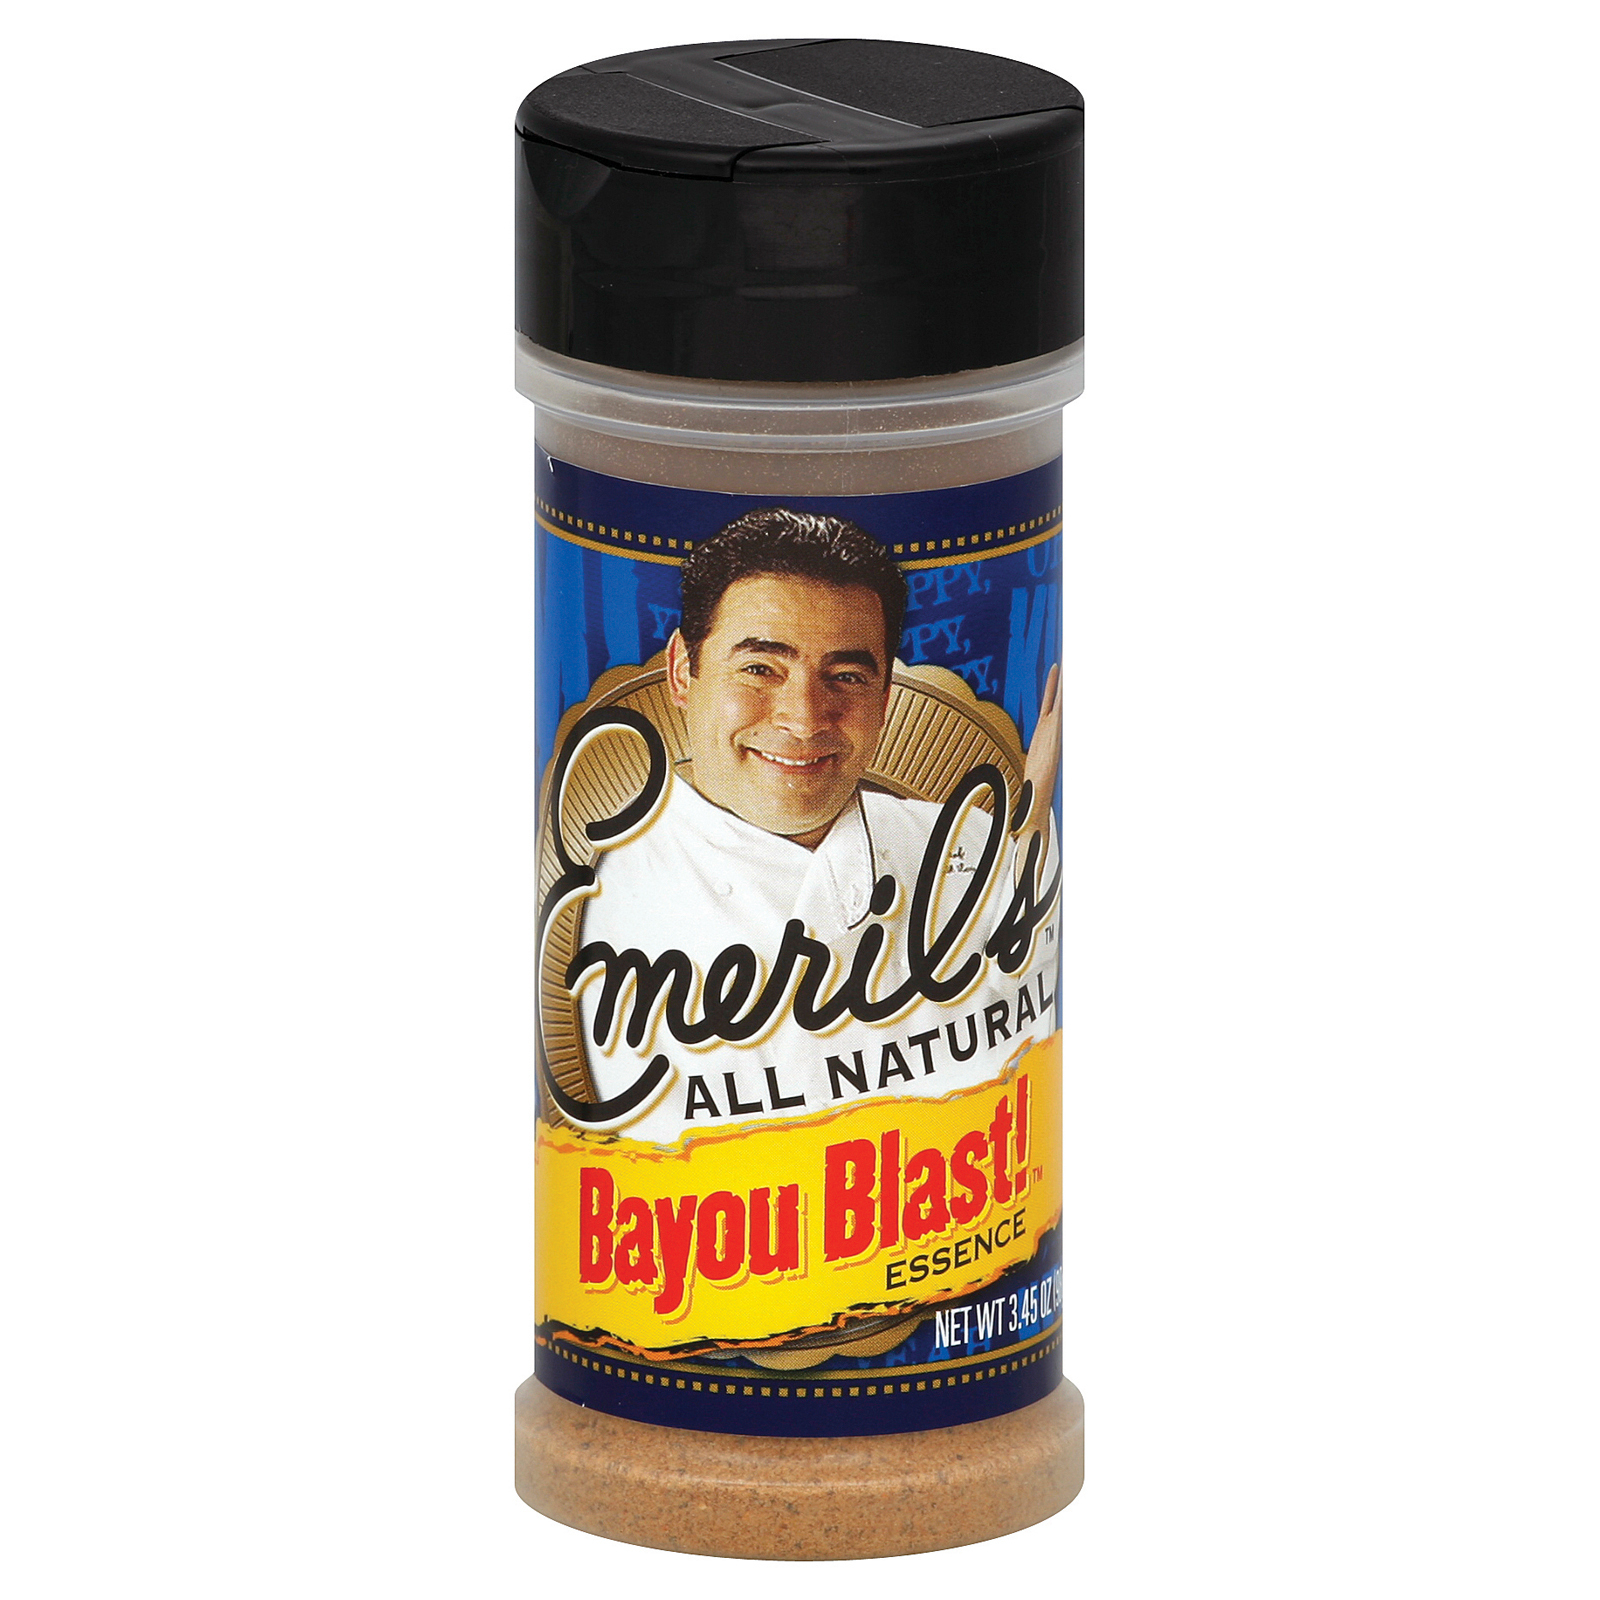 Emeril Seasoning Blend - Bayou Blast - Case of 12 - 3.45 oz.